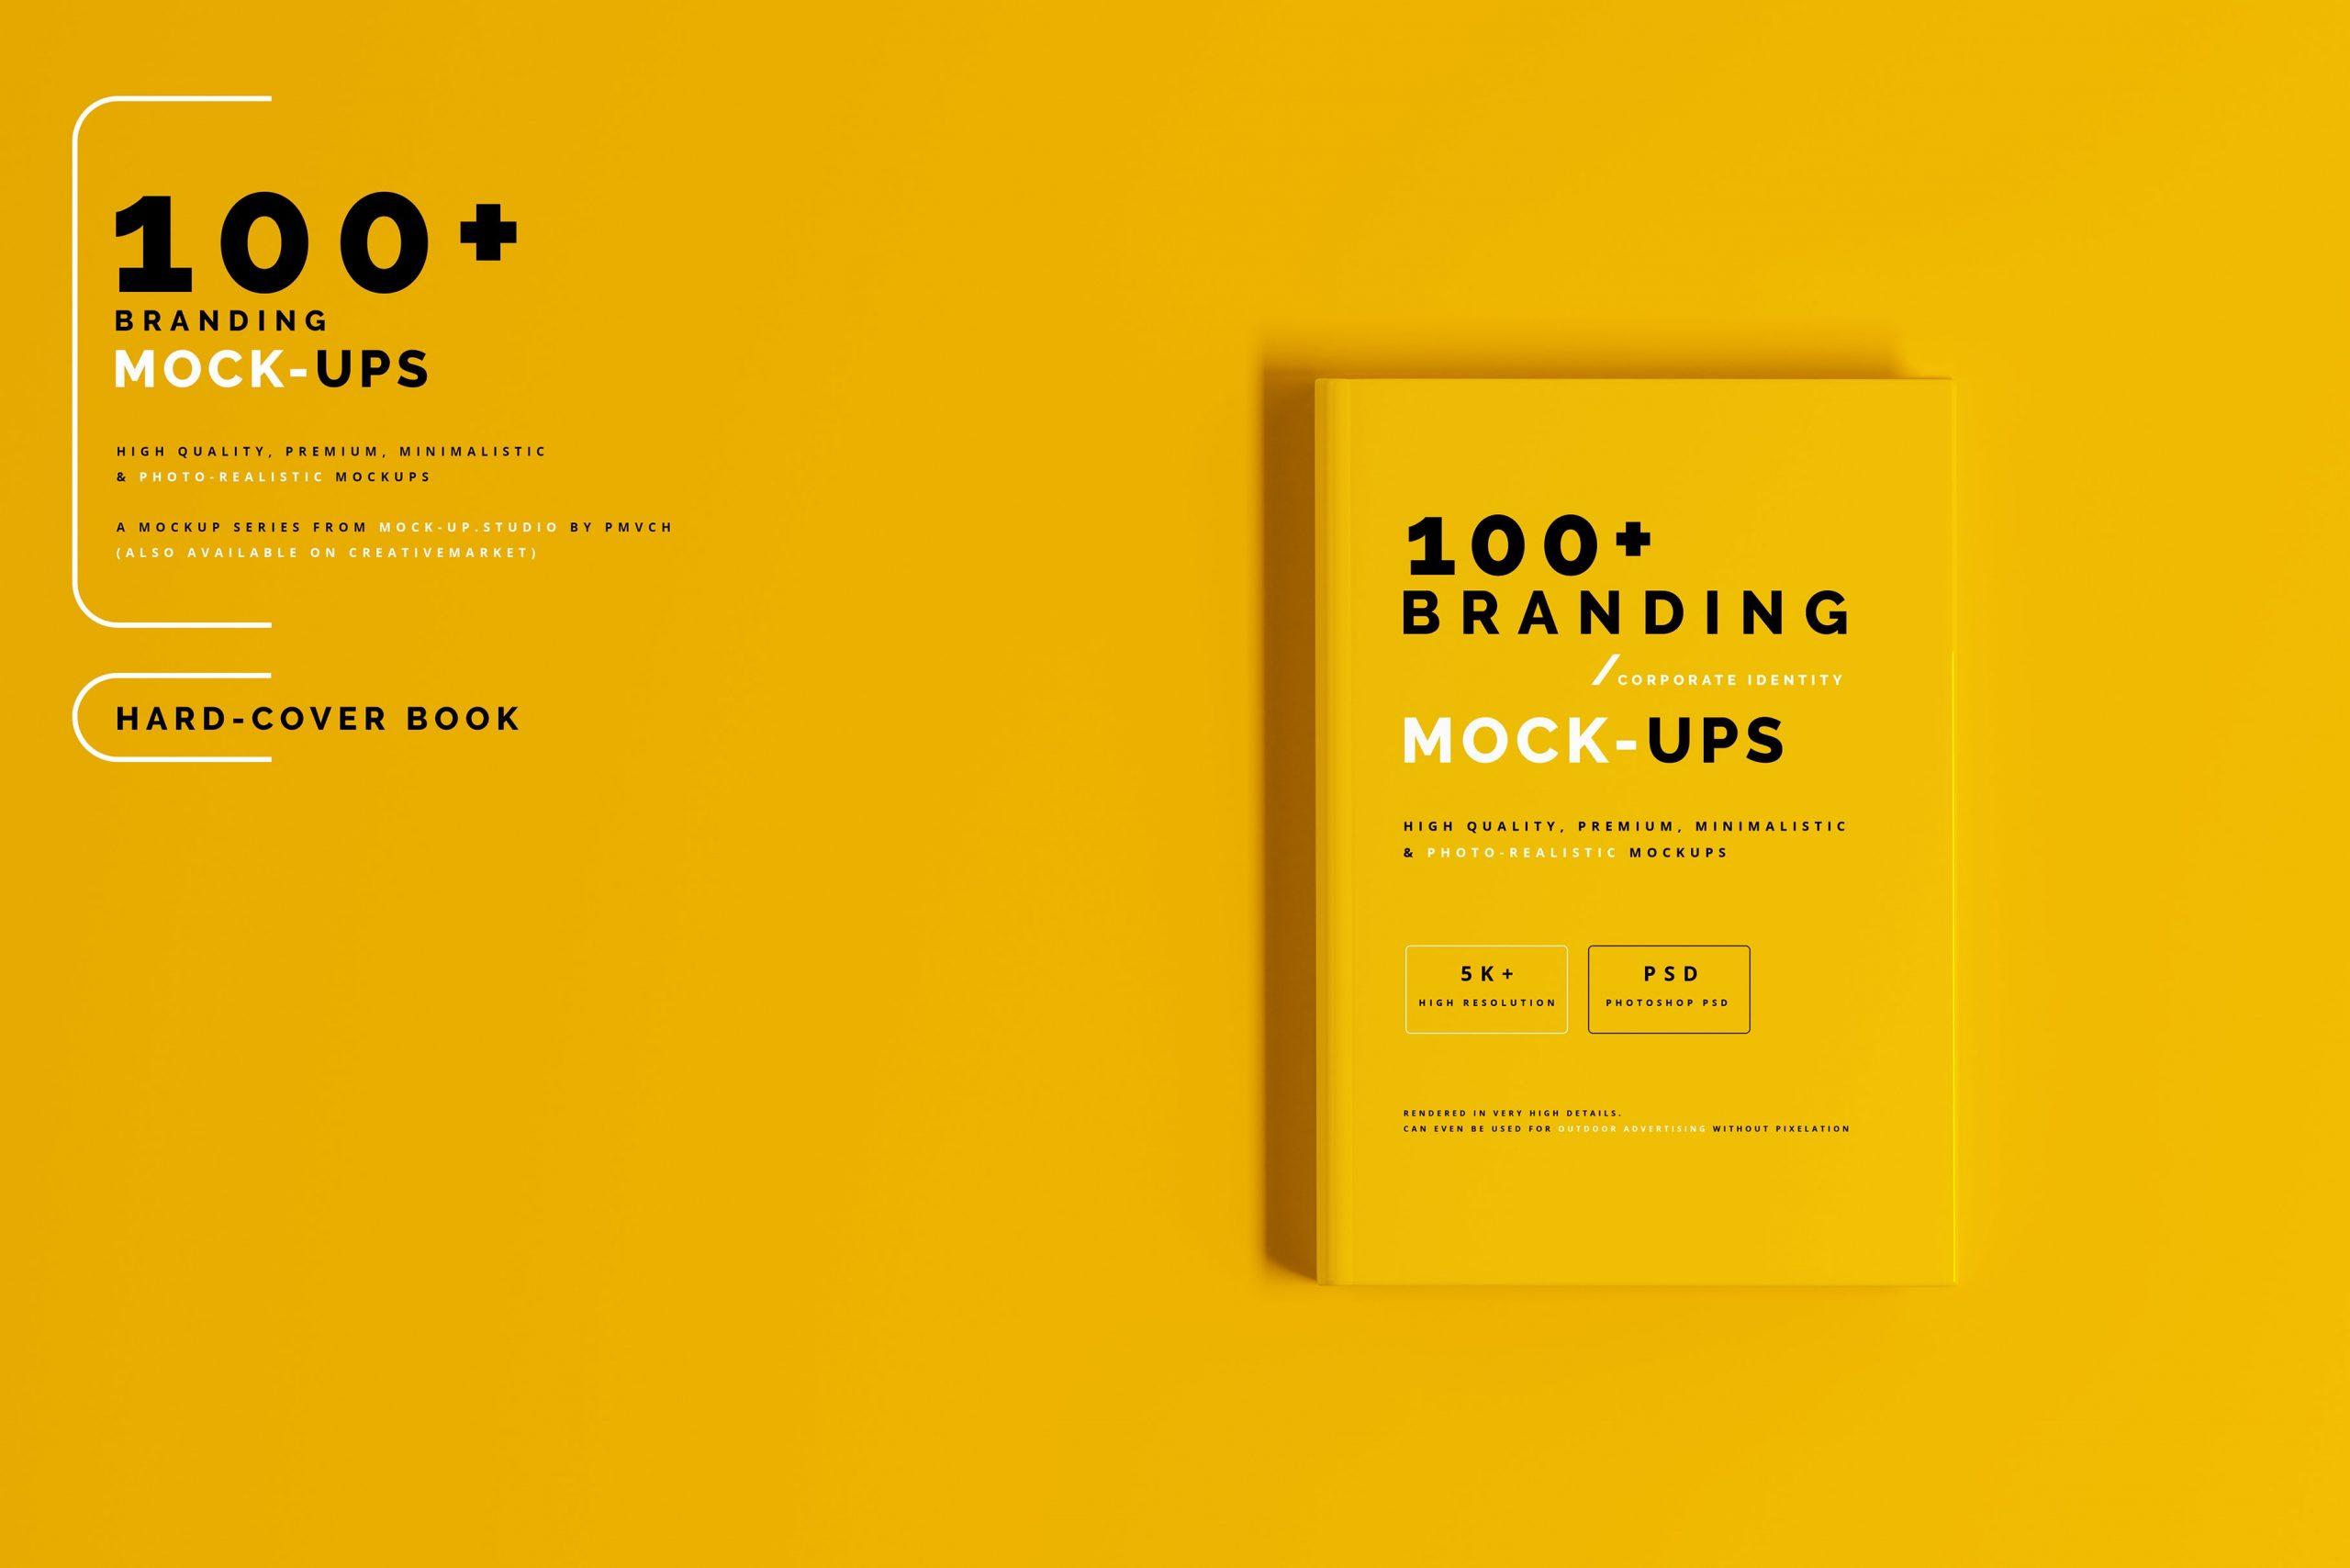 VI样机:100多个宣传册书籍瓶子名片CD封套咖啡杯化妆品海报横幅高分辨率品牌PSD样机(4248)插图(31)